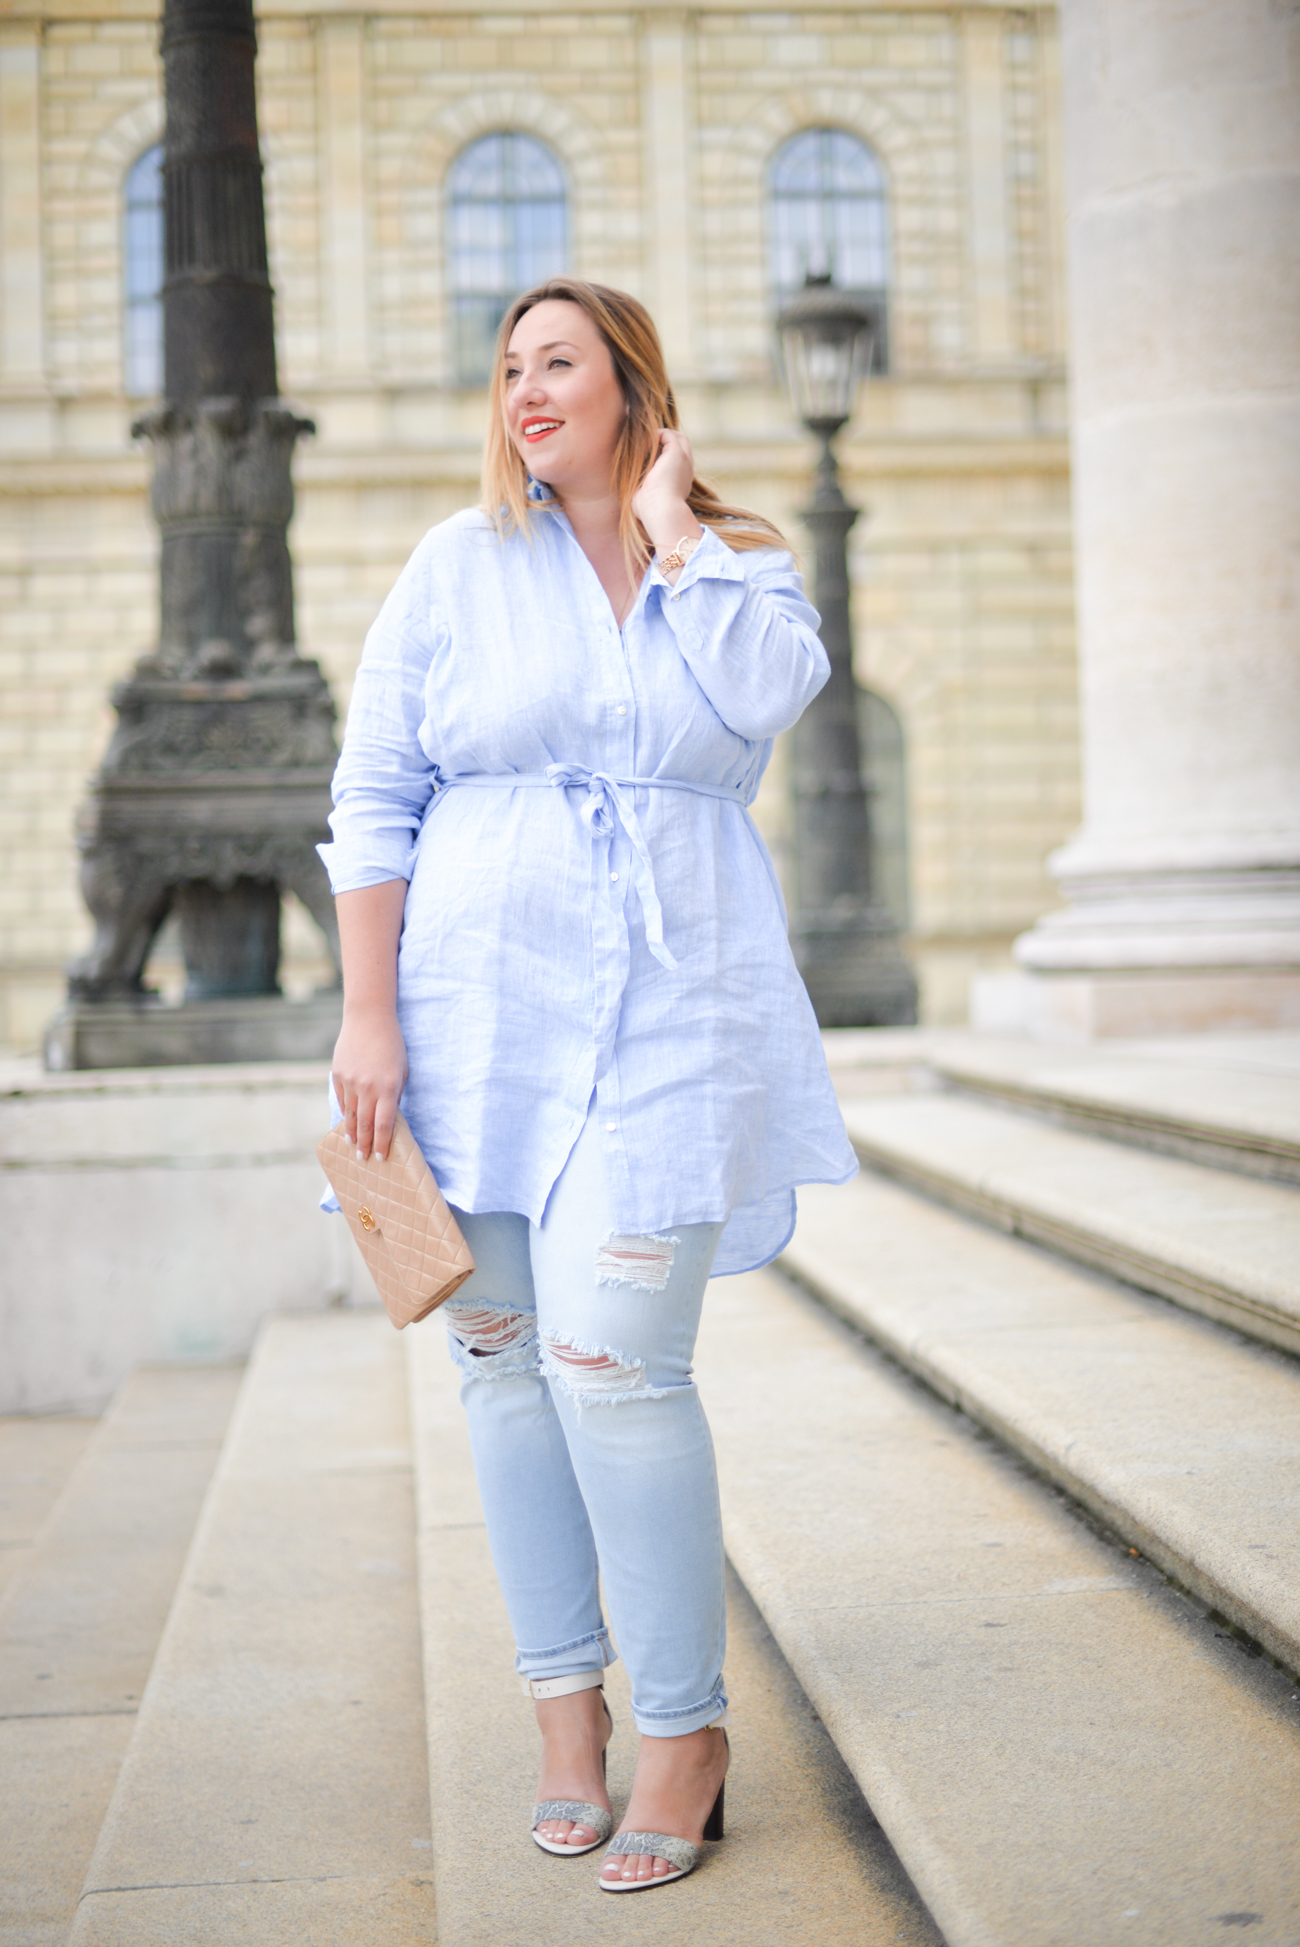 Dress-Over-Pants_Plussize Blog_Blogger_Fashion Blog München_Theskinnyandthecurvyone_Plus-Size Blog Deutschland_Curvy Blogger_German Blogger_German Plus-Size (21 von 21)